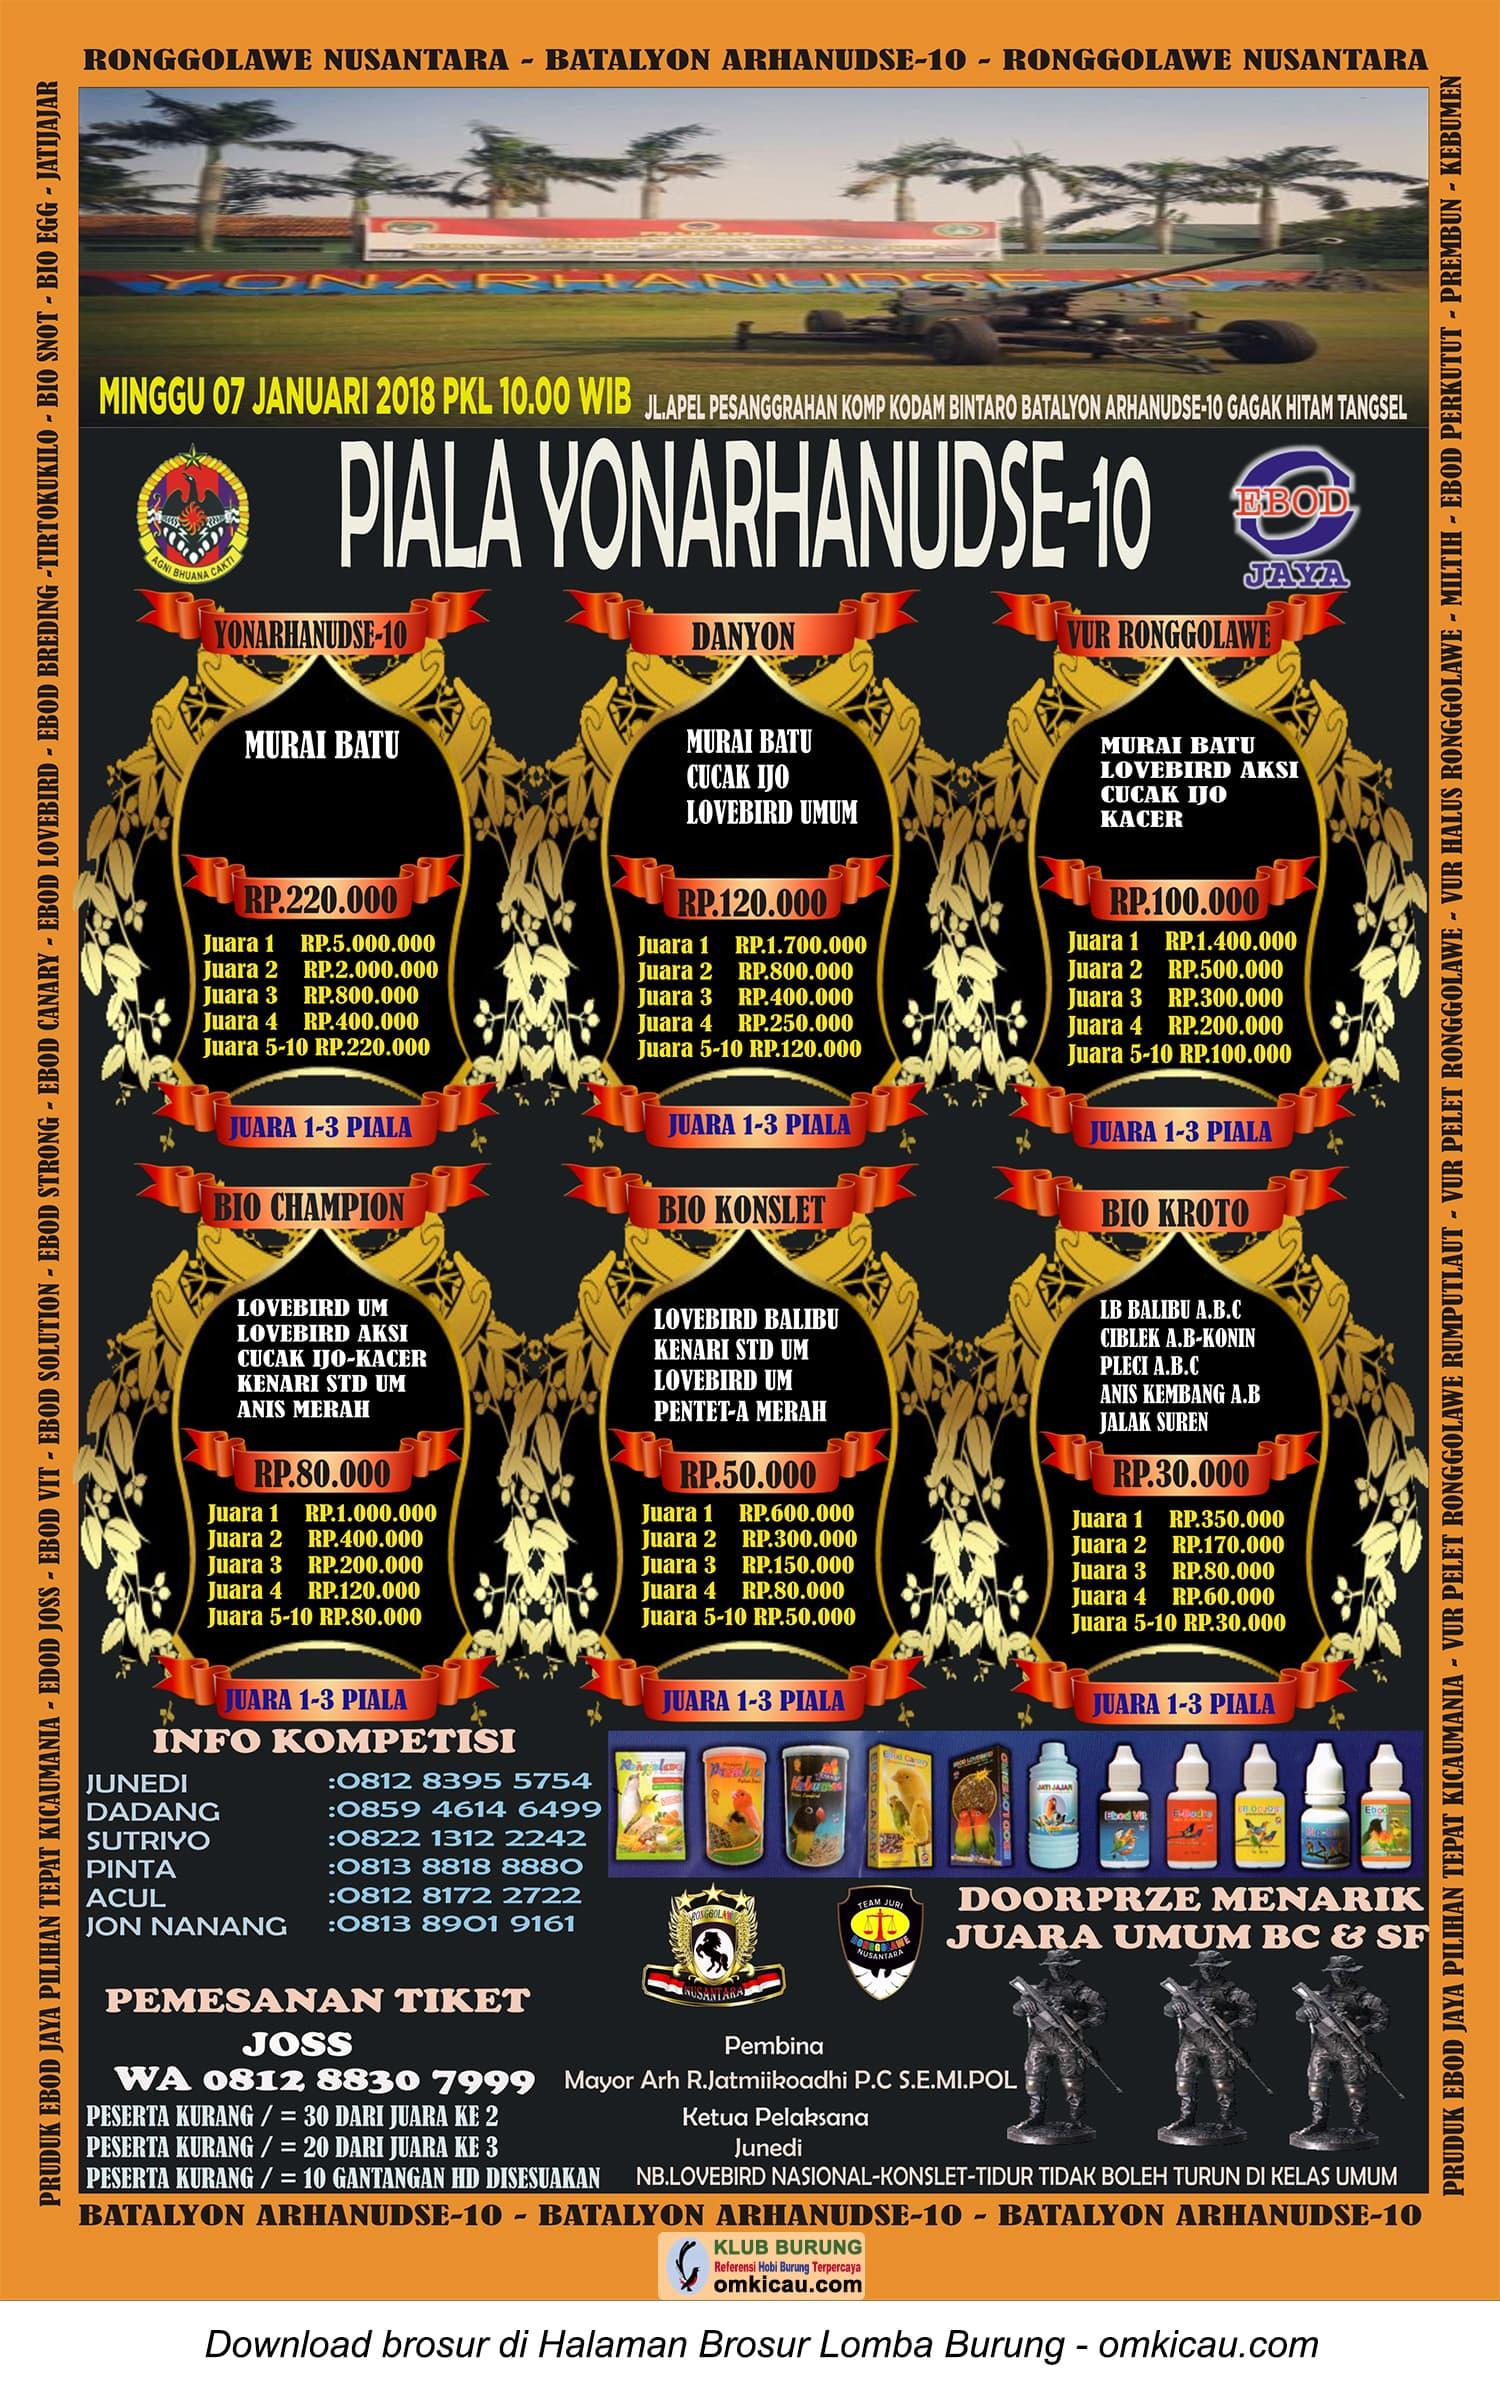 Piala Yonarhanudse-10